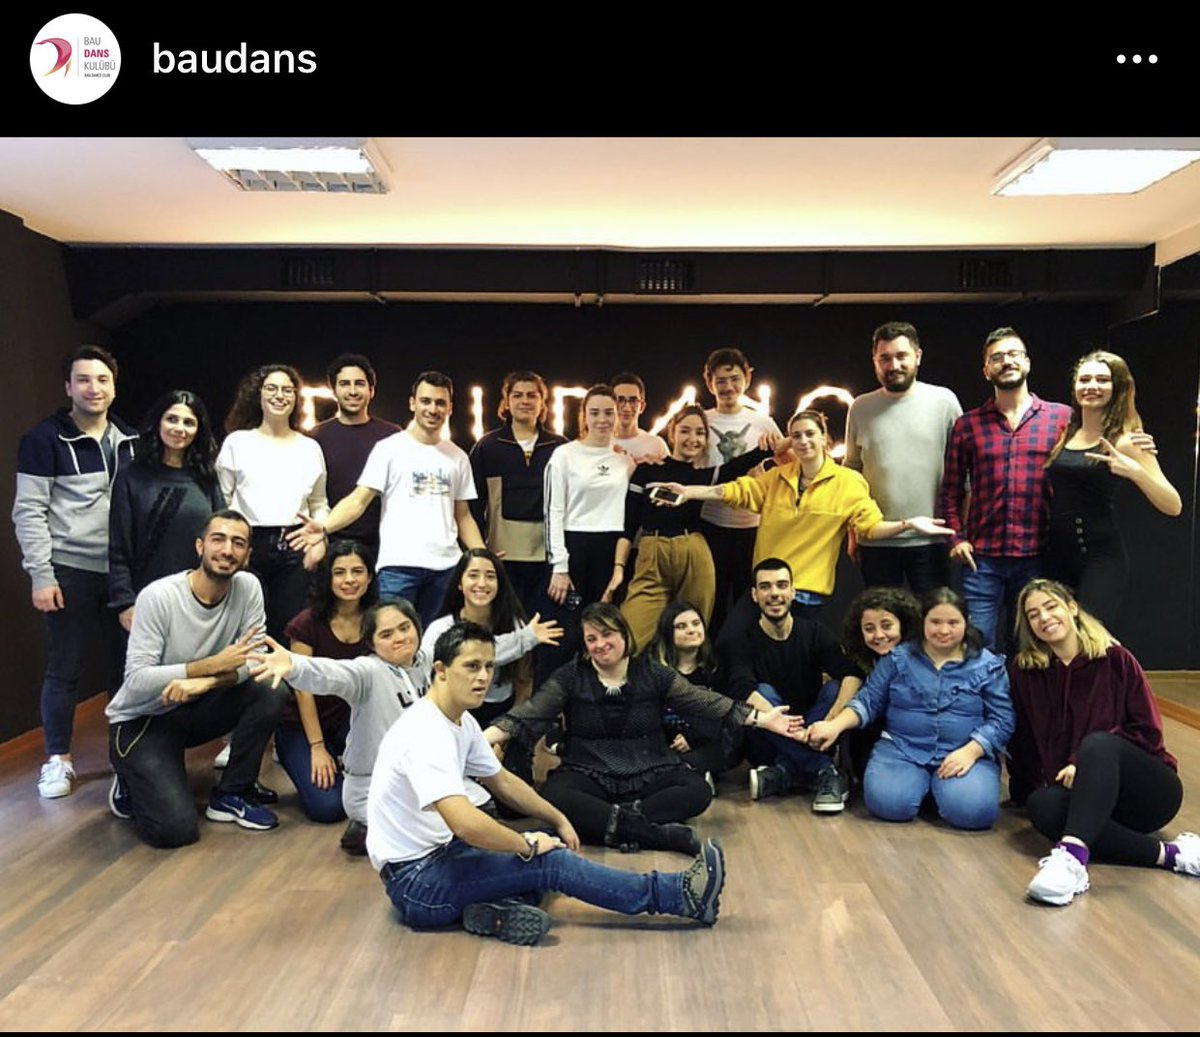 @BAUDans ailesi olarak çok güzel bir Dans Atölyesine ev sahipliği yaptık. Bu güzel organizasyonu hayata geçiren #galatasarayrotaract #yeşilköyrotaract #dostyaşamdownsendromluvakfı 'na Teşekkür ederiz🙏🏼 #baudancefam https://t.co/h7vGxJ07L6